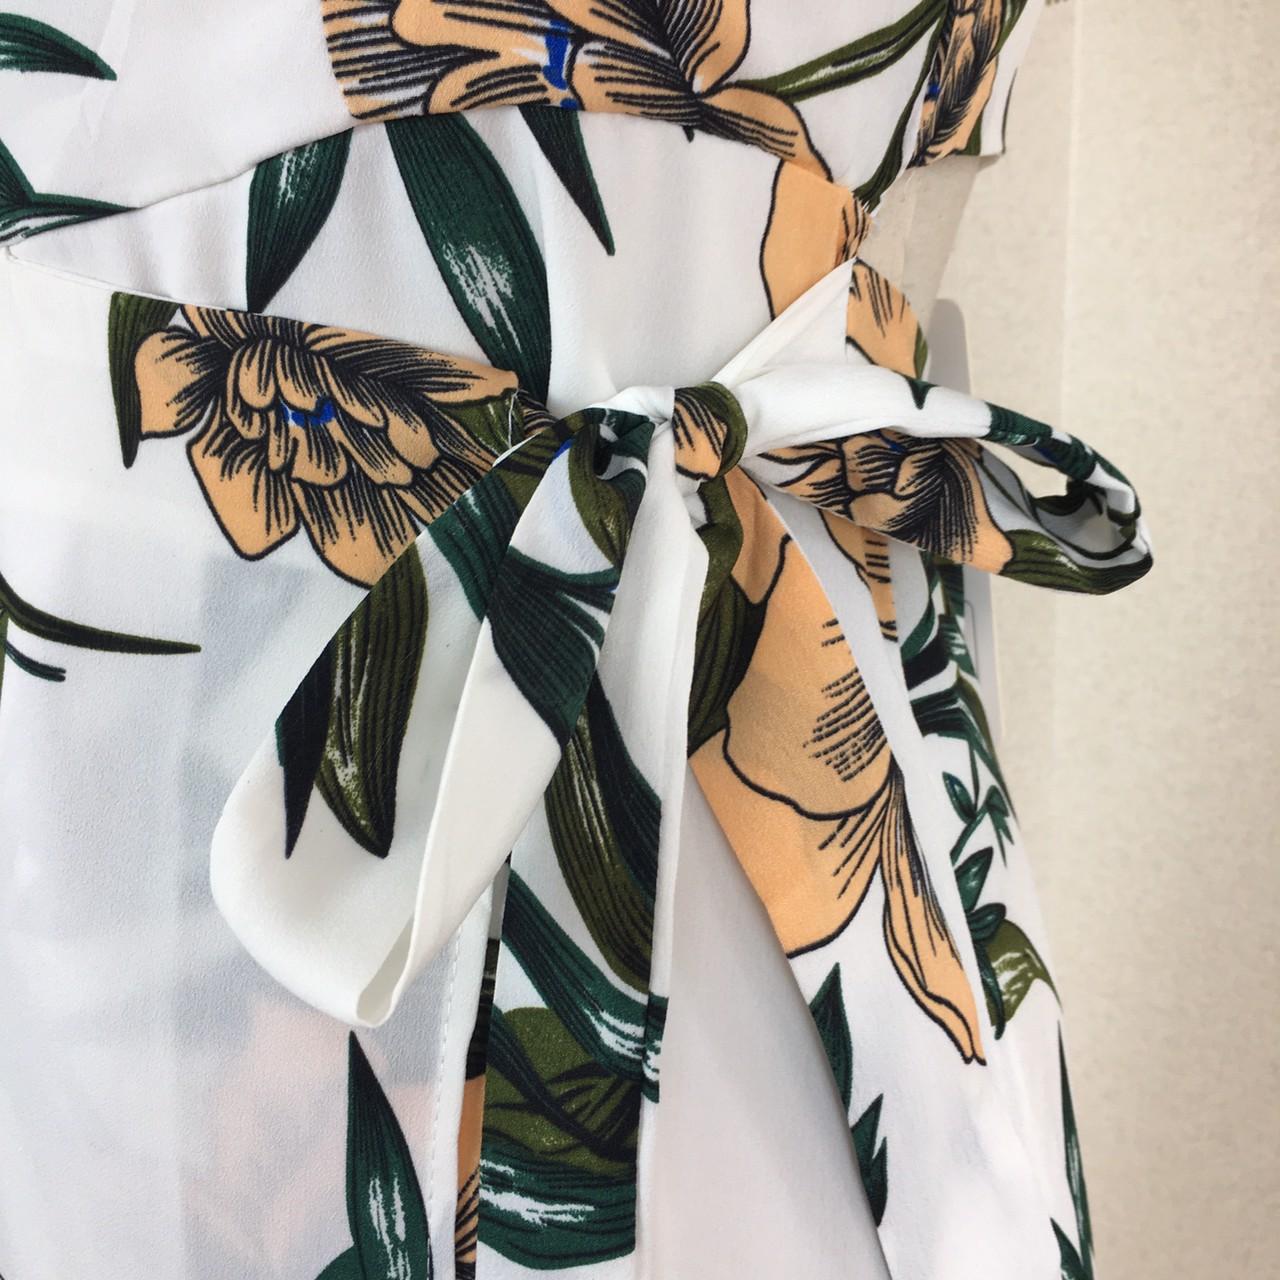 【即納】リゾートワンピース ロング マキシ ハワイ お出かけワンピ 春 夏 リゾート パーティー SPTXA838  マキシワンピース フリル カットオフ セパレート風  オルチャン セレブ セクシーの写真20枚目